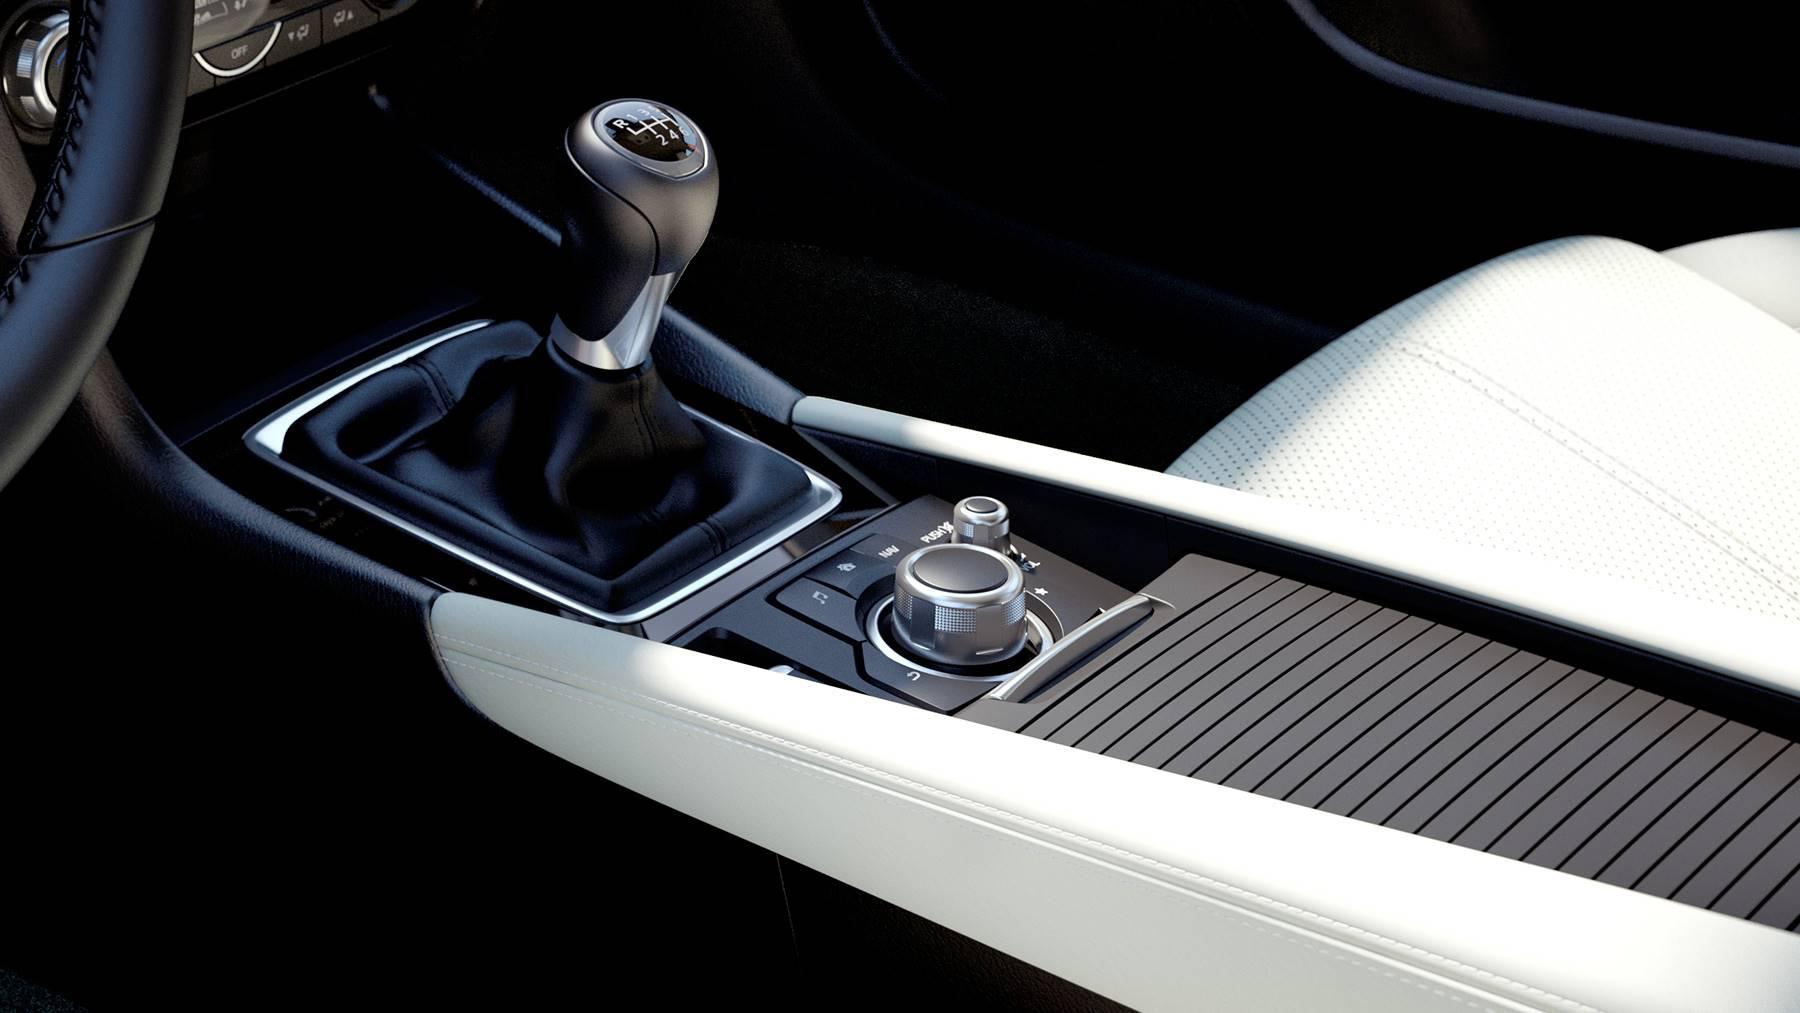 Stunning Amenities of the 2018 Mazda3